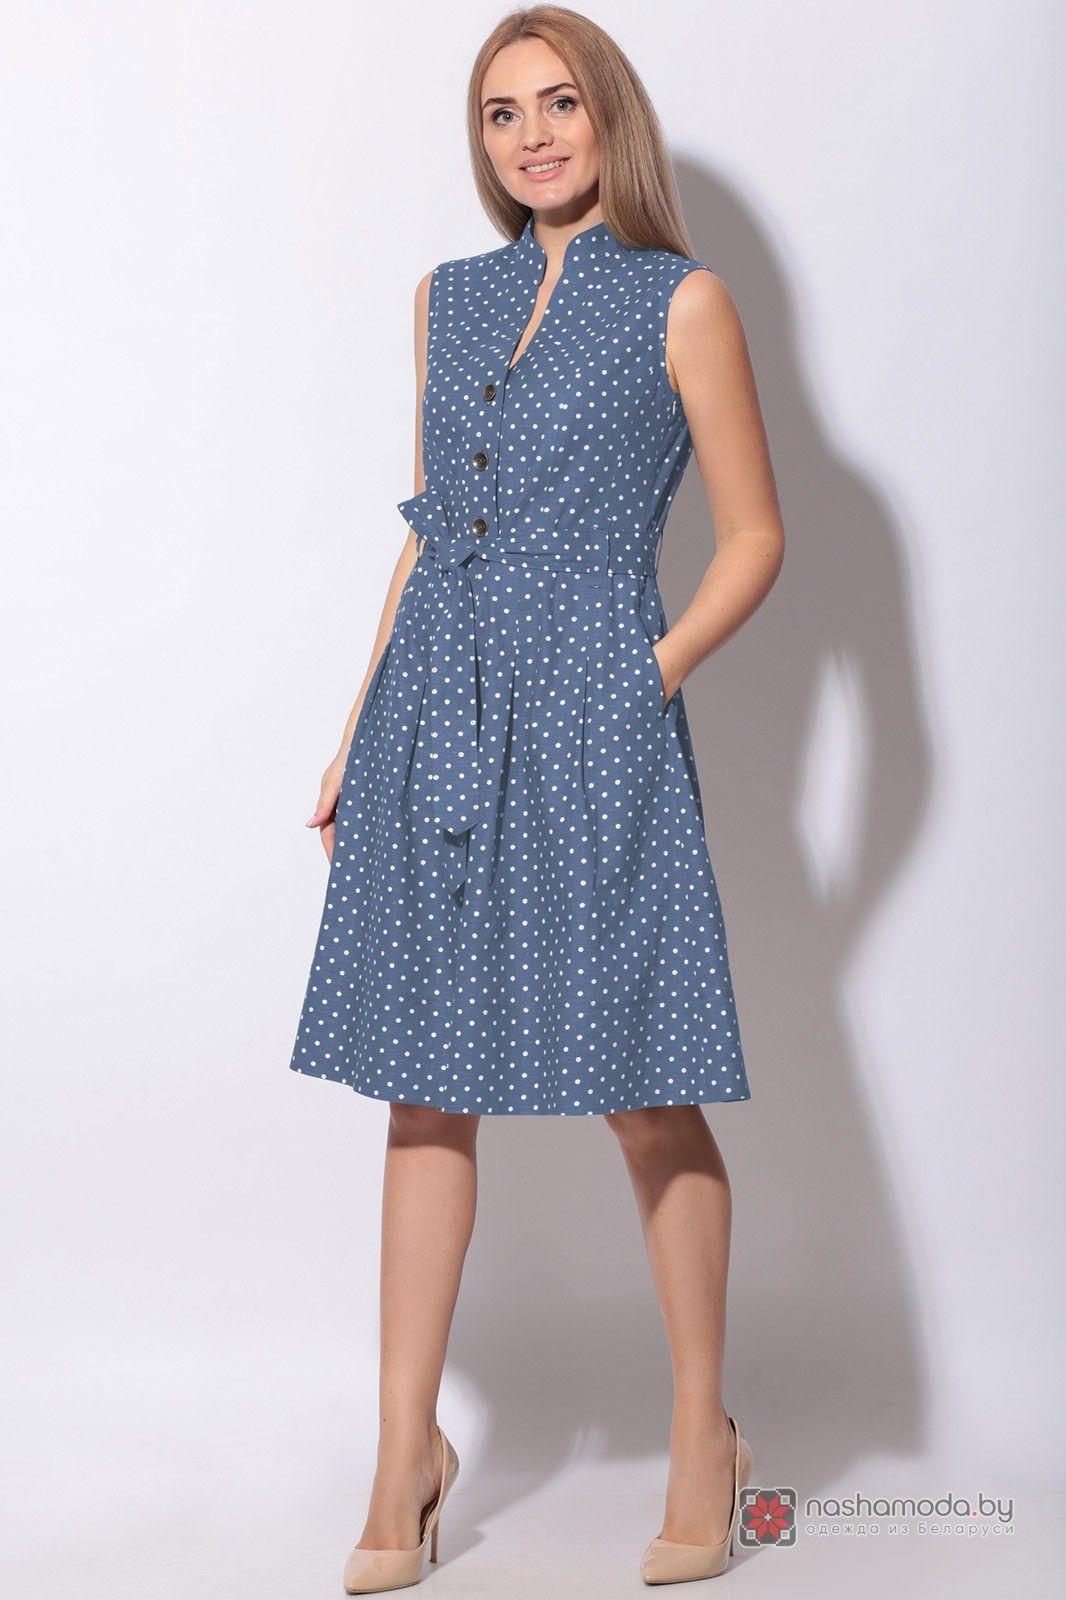 Платье для работы фото моделей работа для девушек в нерюнгри